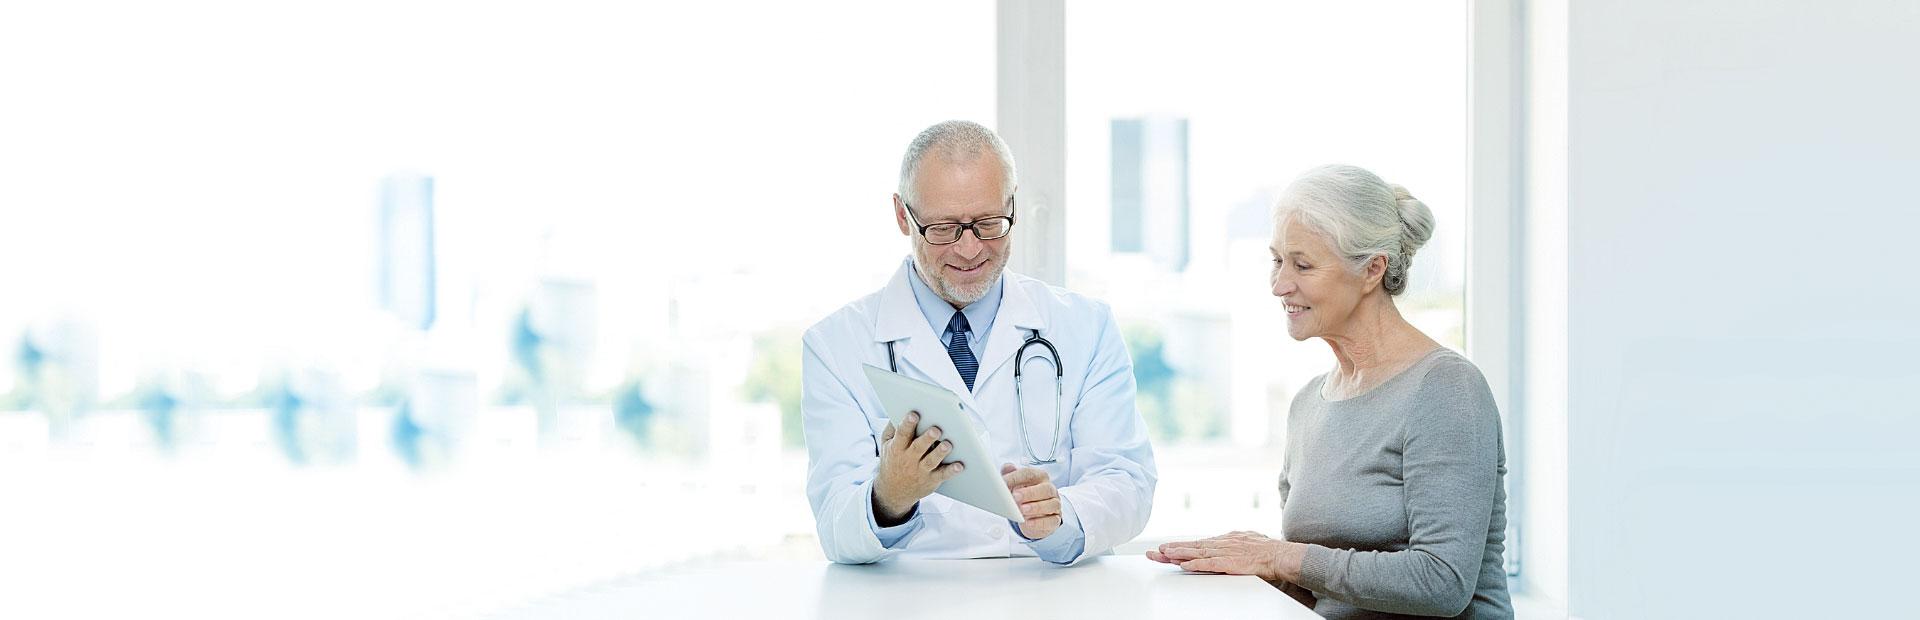 Programa para clínica médica mais completo!